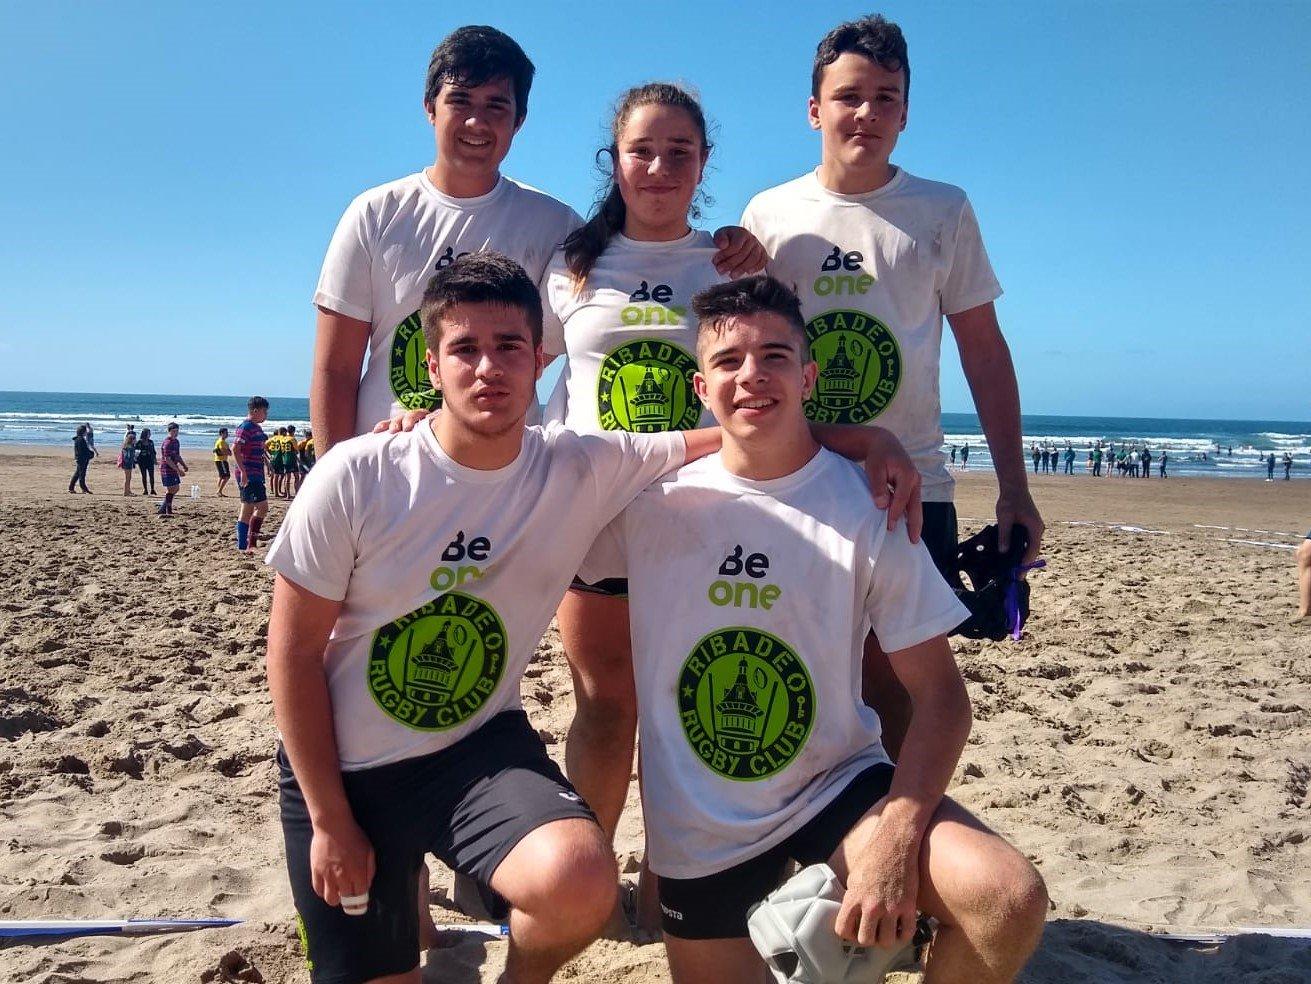 Jornada de Rugby Playa para el Beone Ribadeo donde los Sub-16 desplegaron buen juego